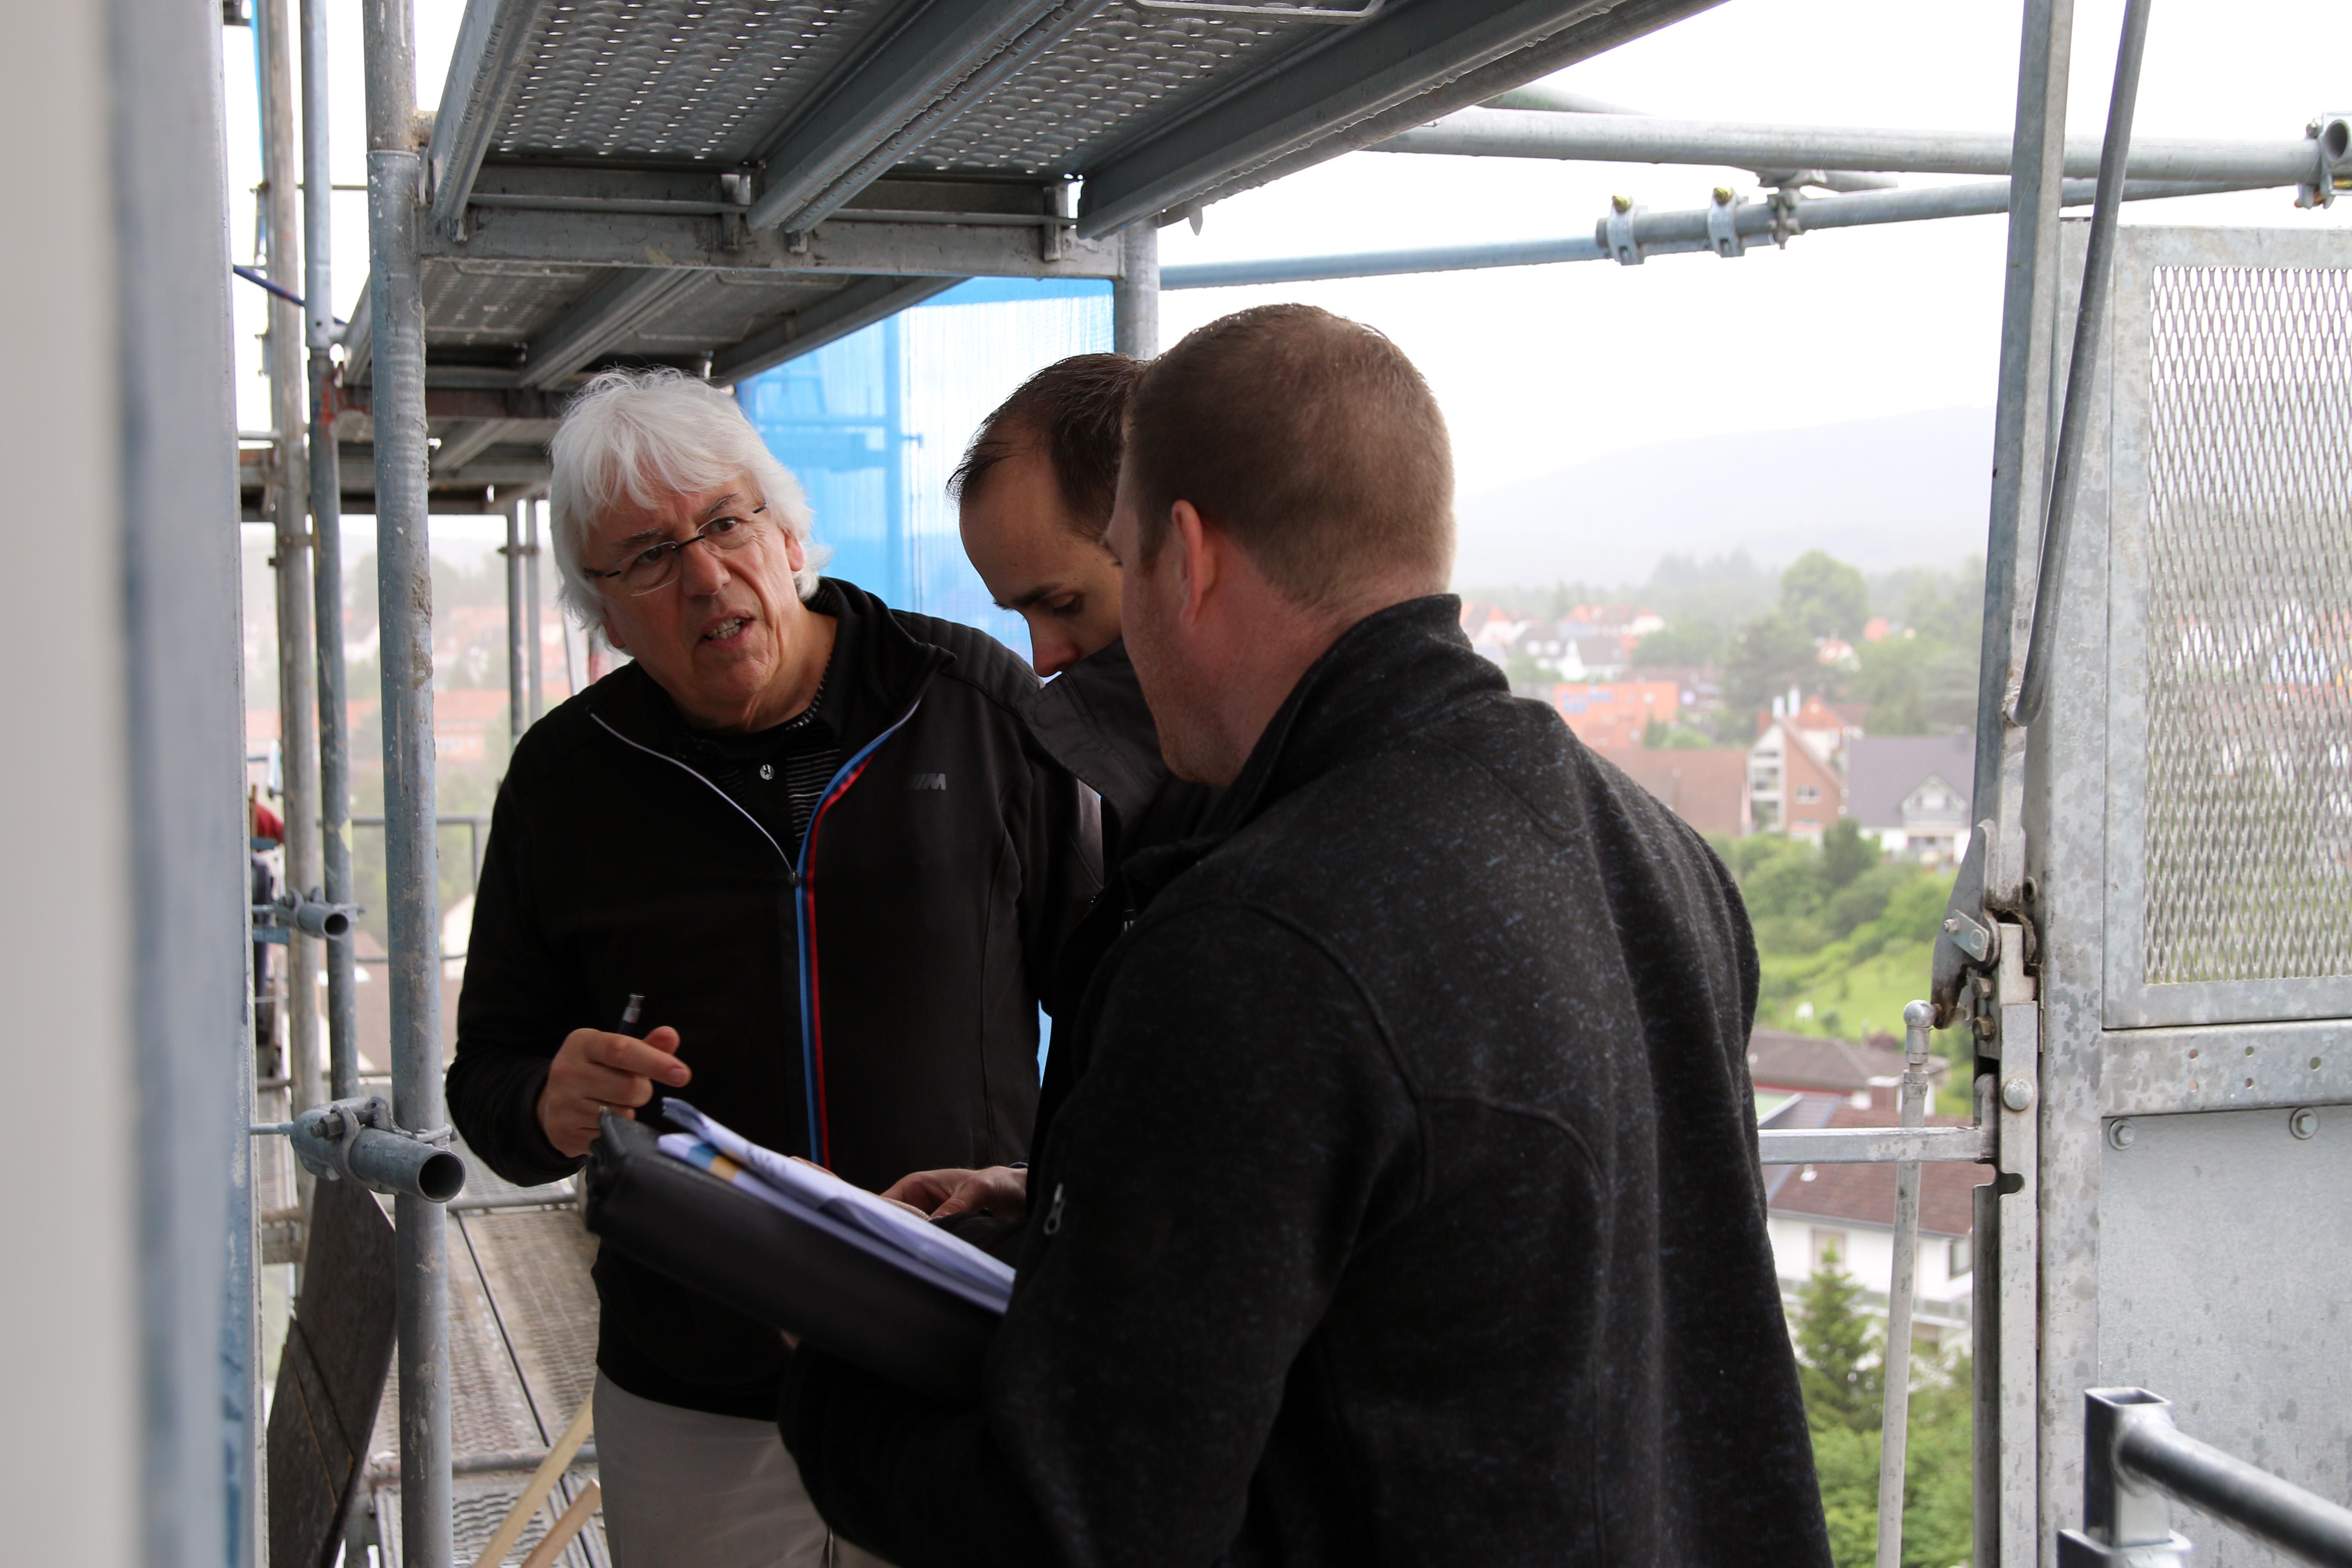 Architekt Kaiserslautern gespür für beton heinrich schmid stahl und betonschützer